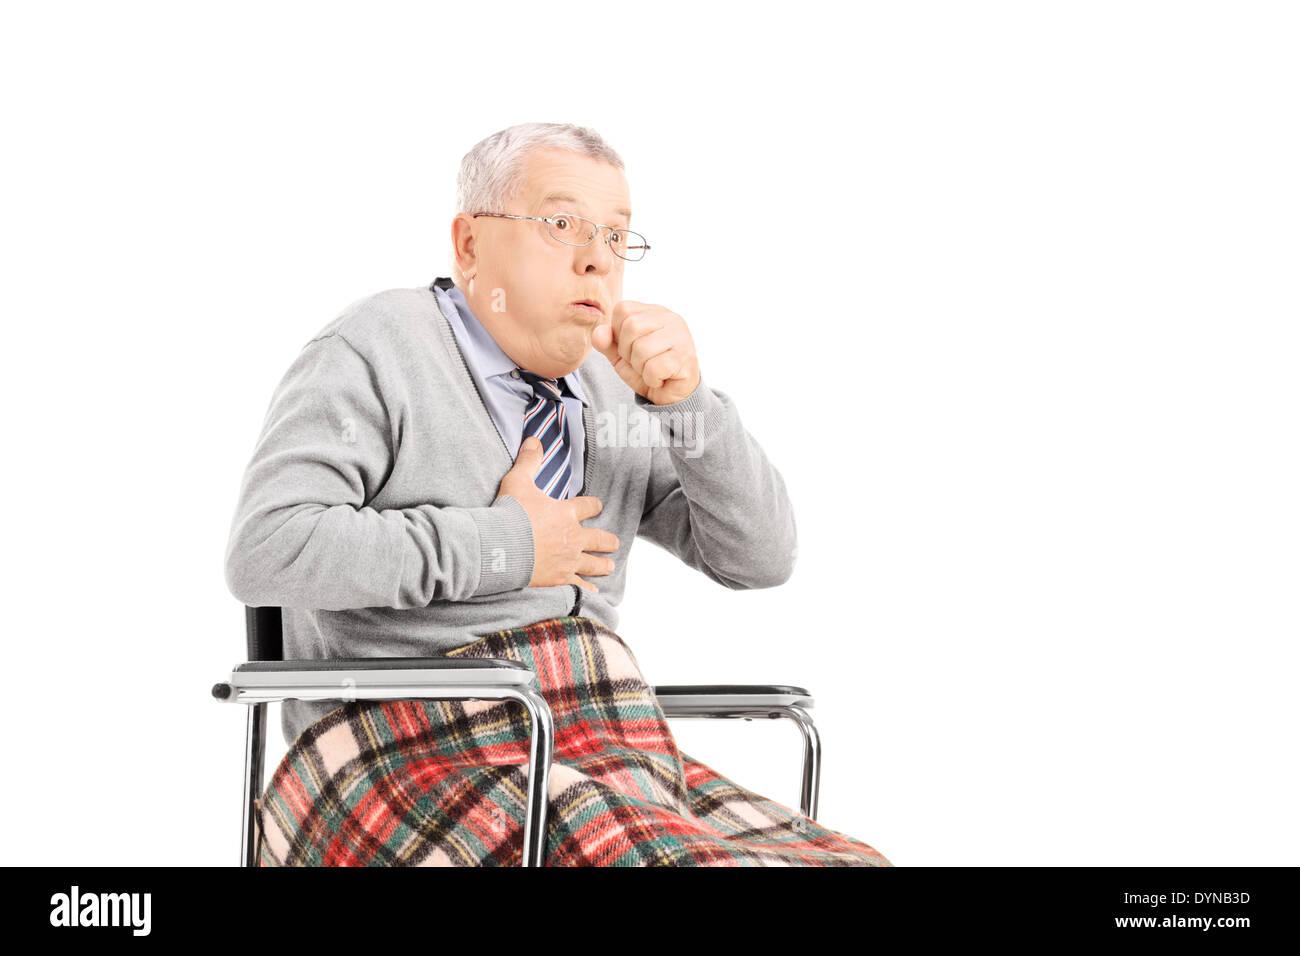 Senior man in wheelchair choking - Stock Image